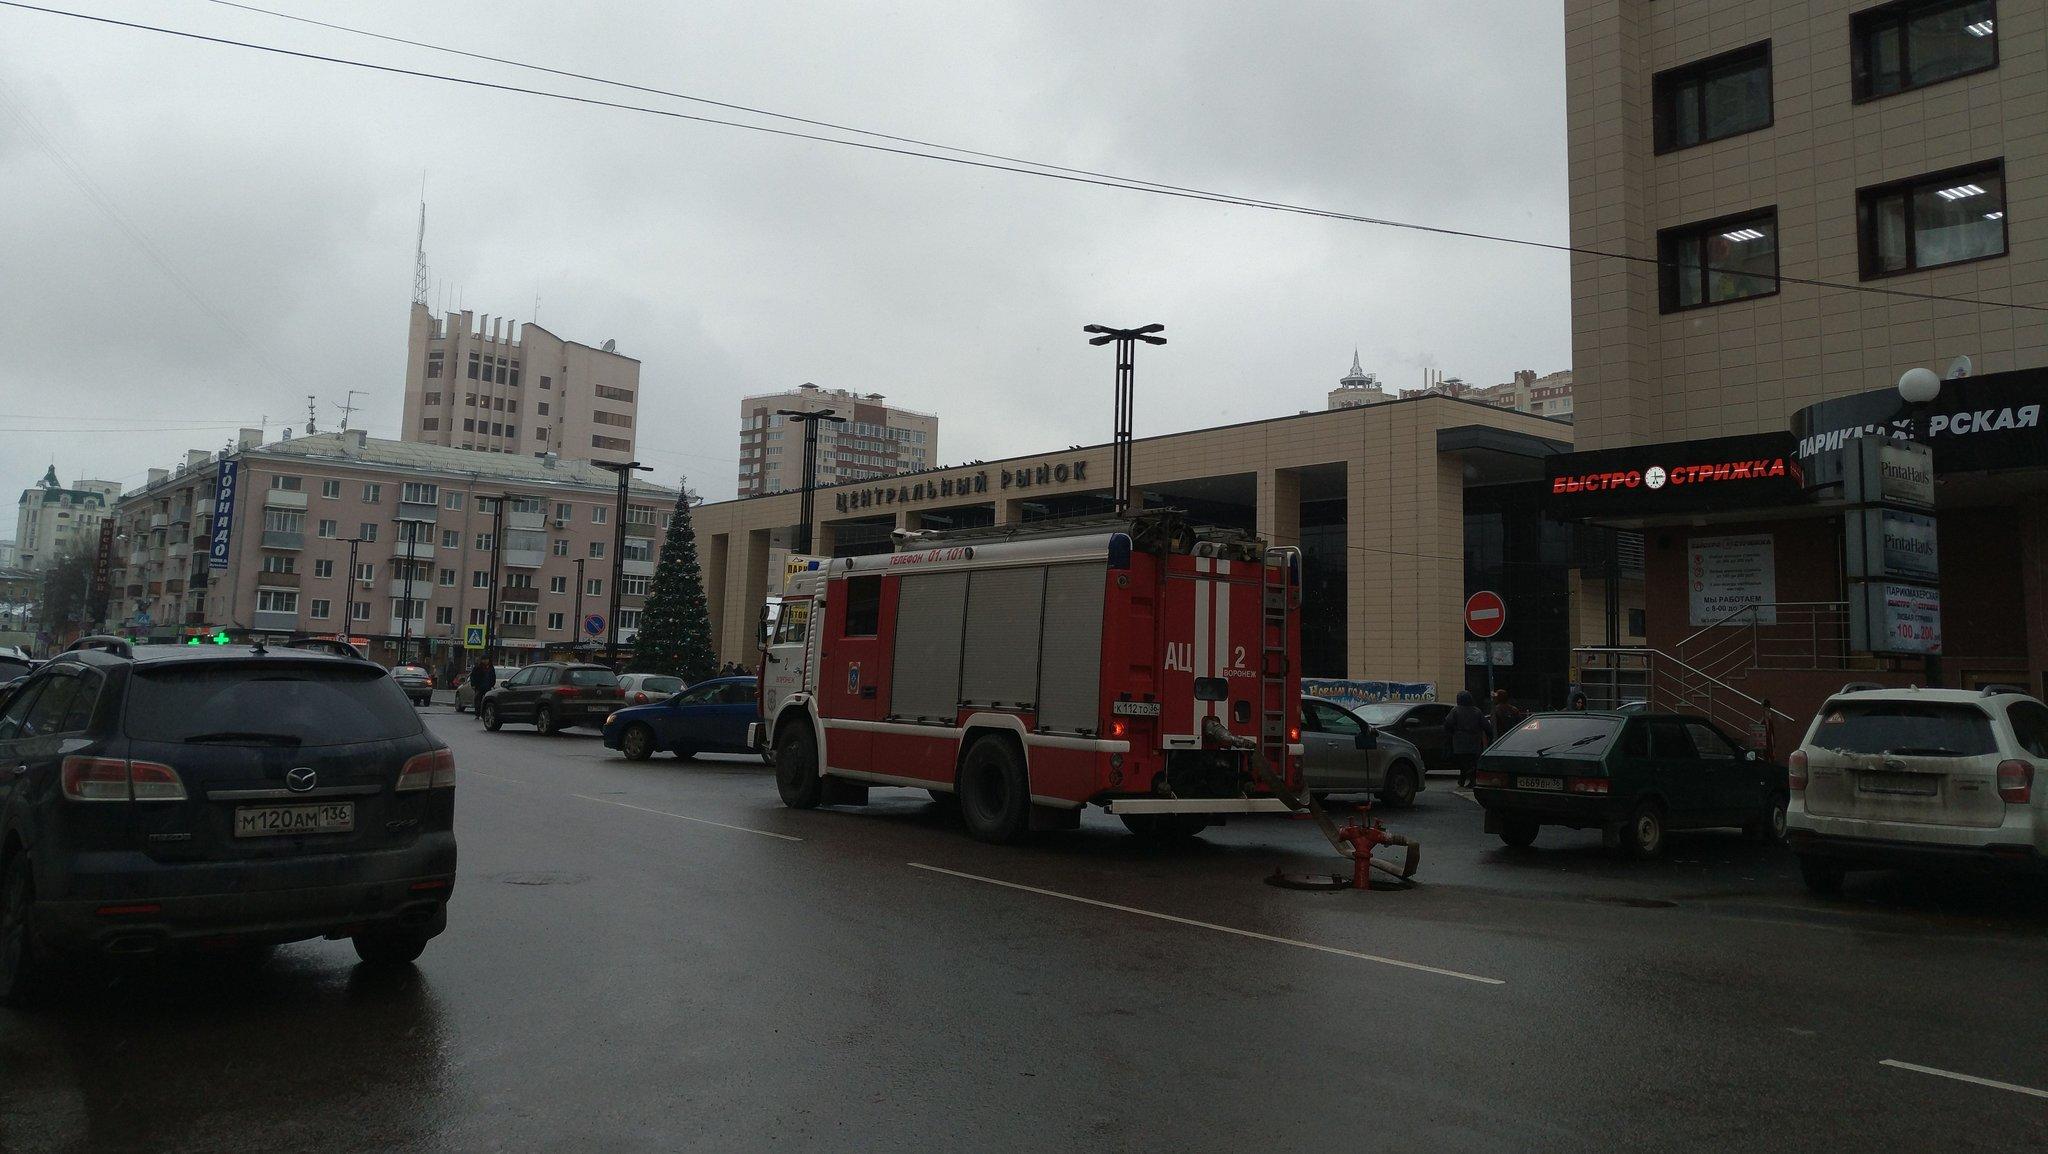 Машина пожарной службы у здания Центрального рынка города Воронеж, 21.12.2017